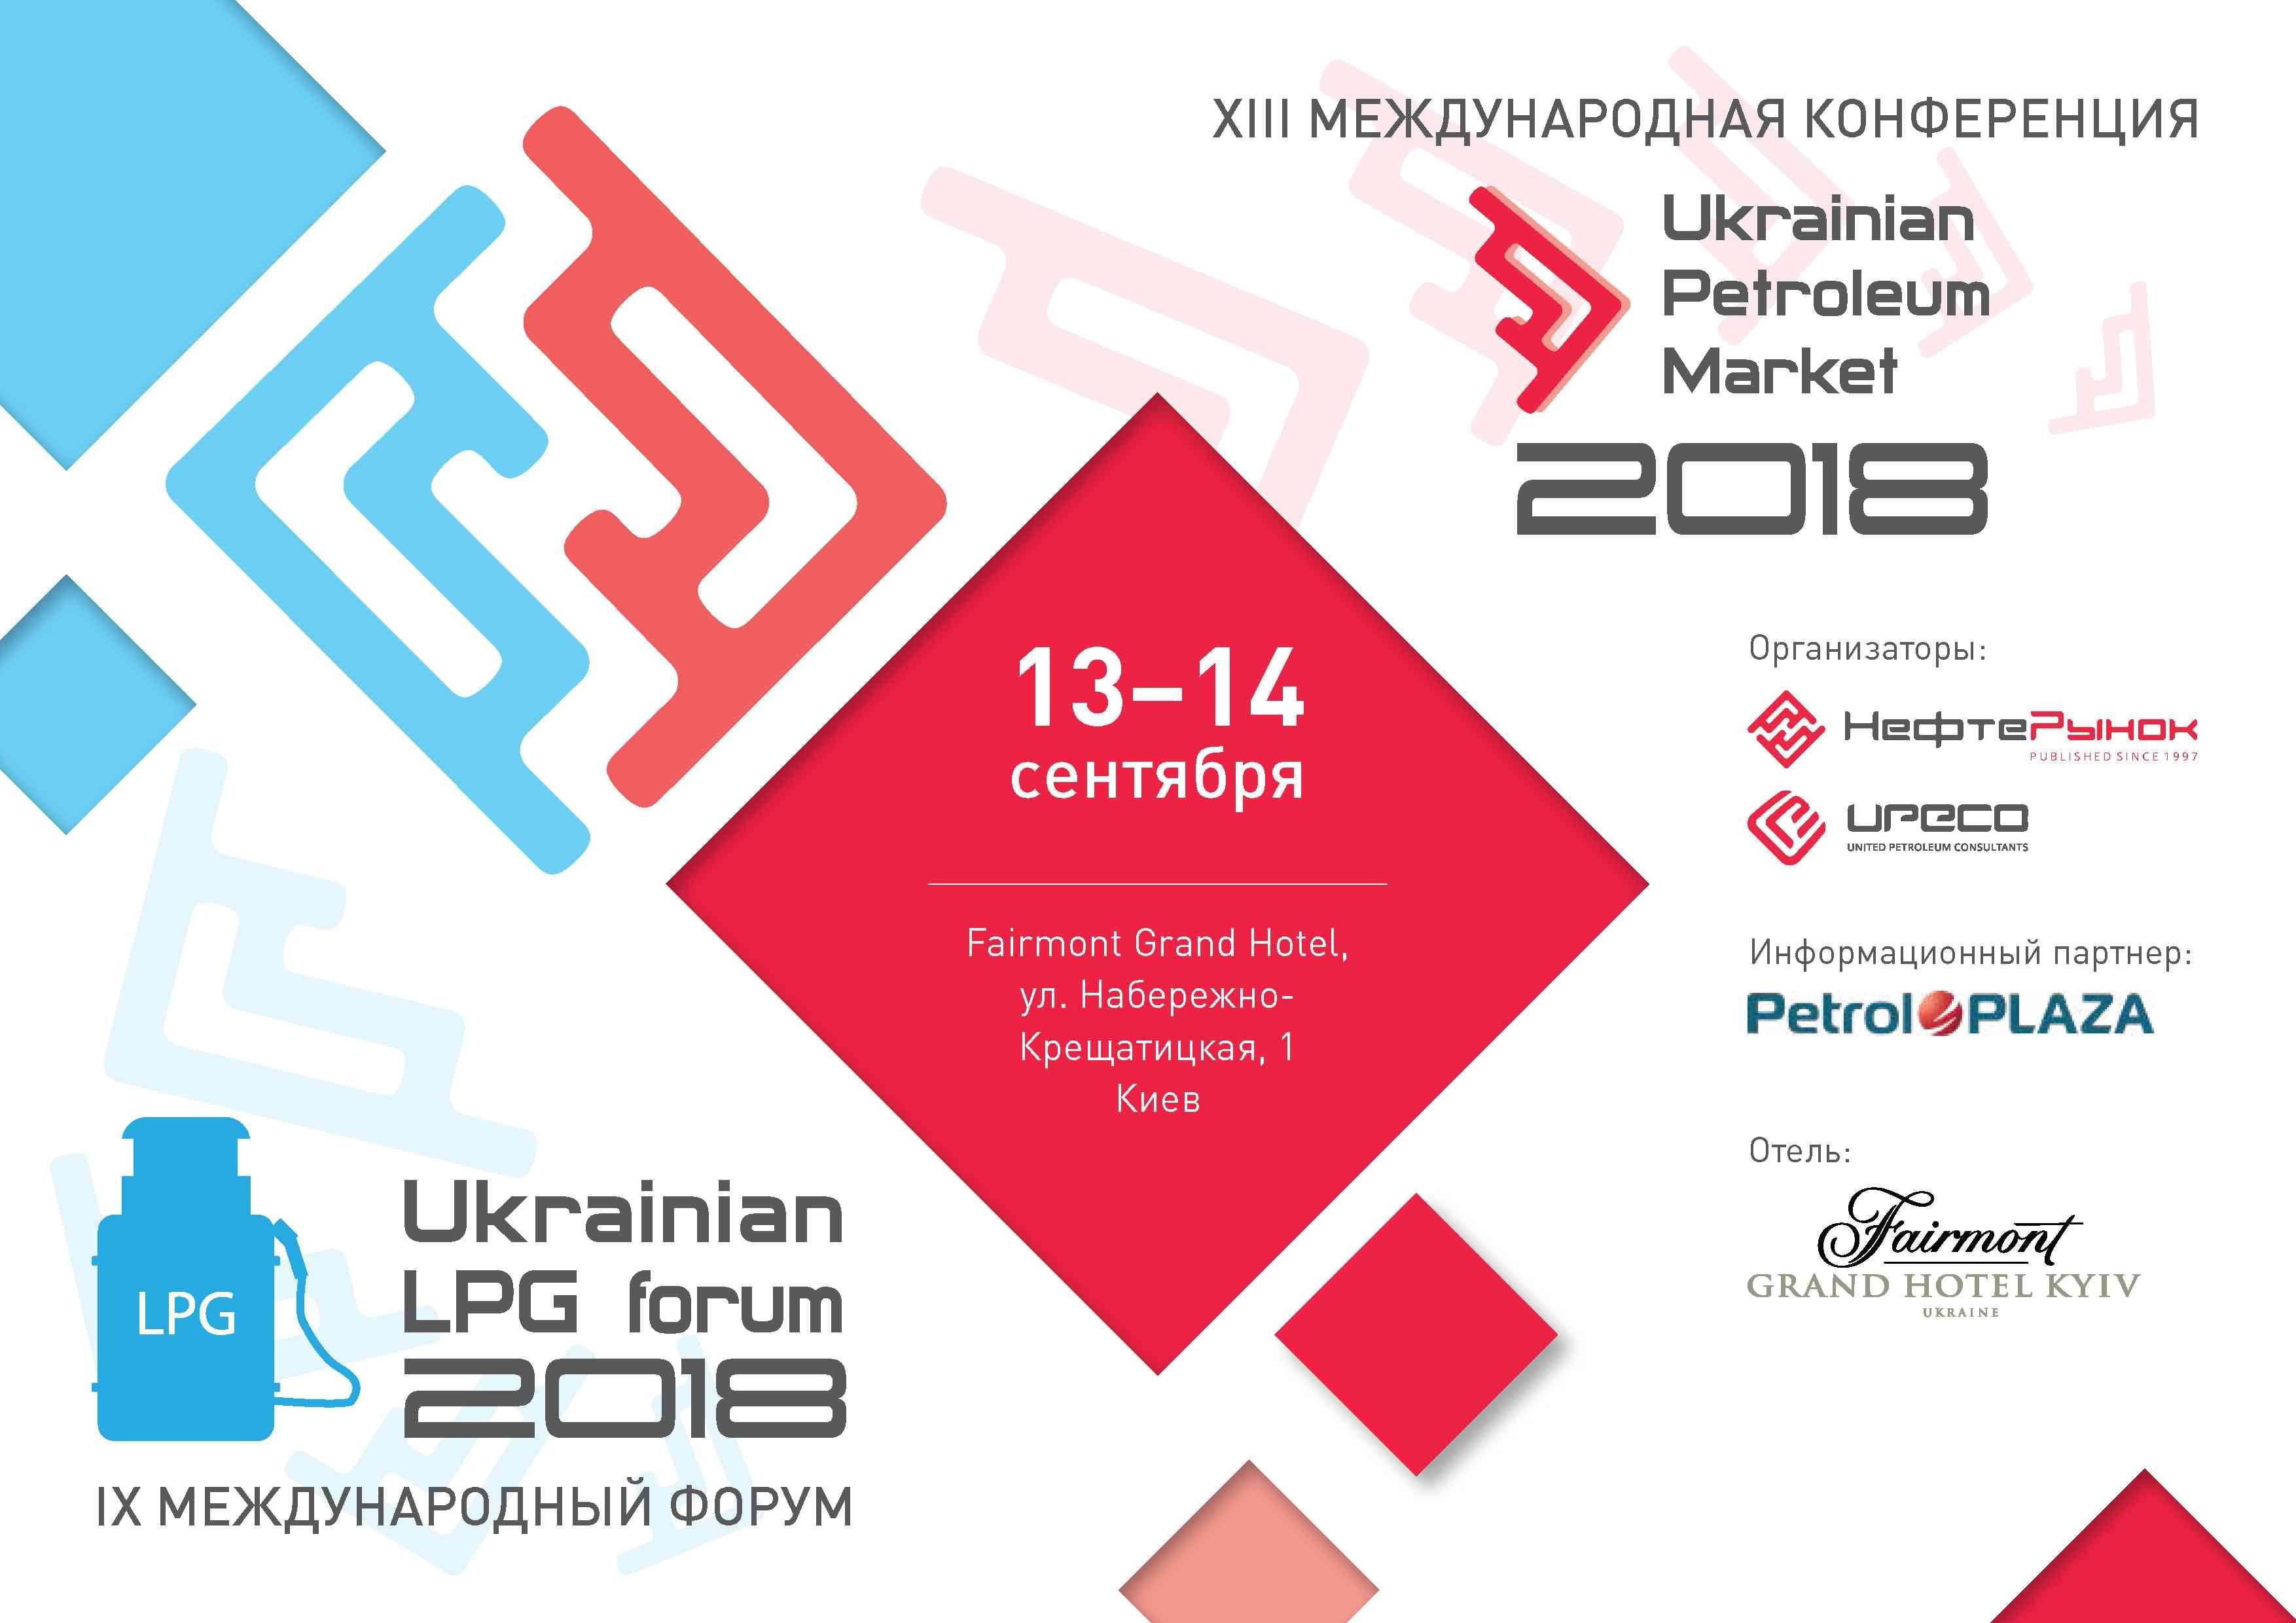 LPG Forum 2018